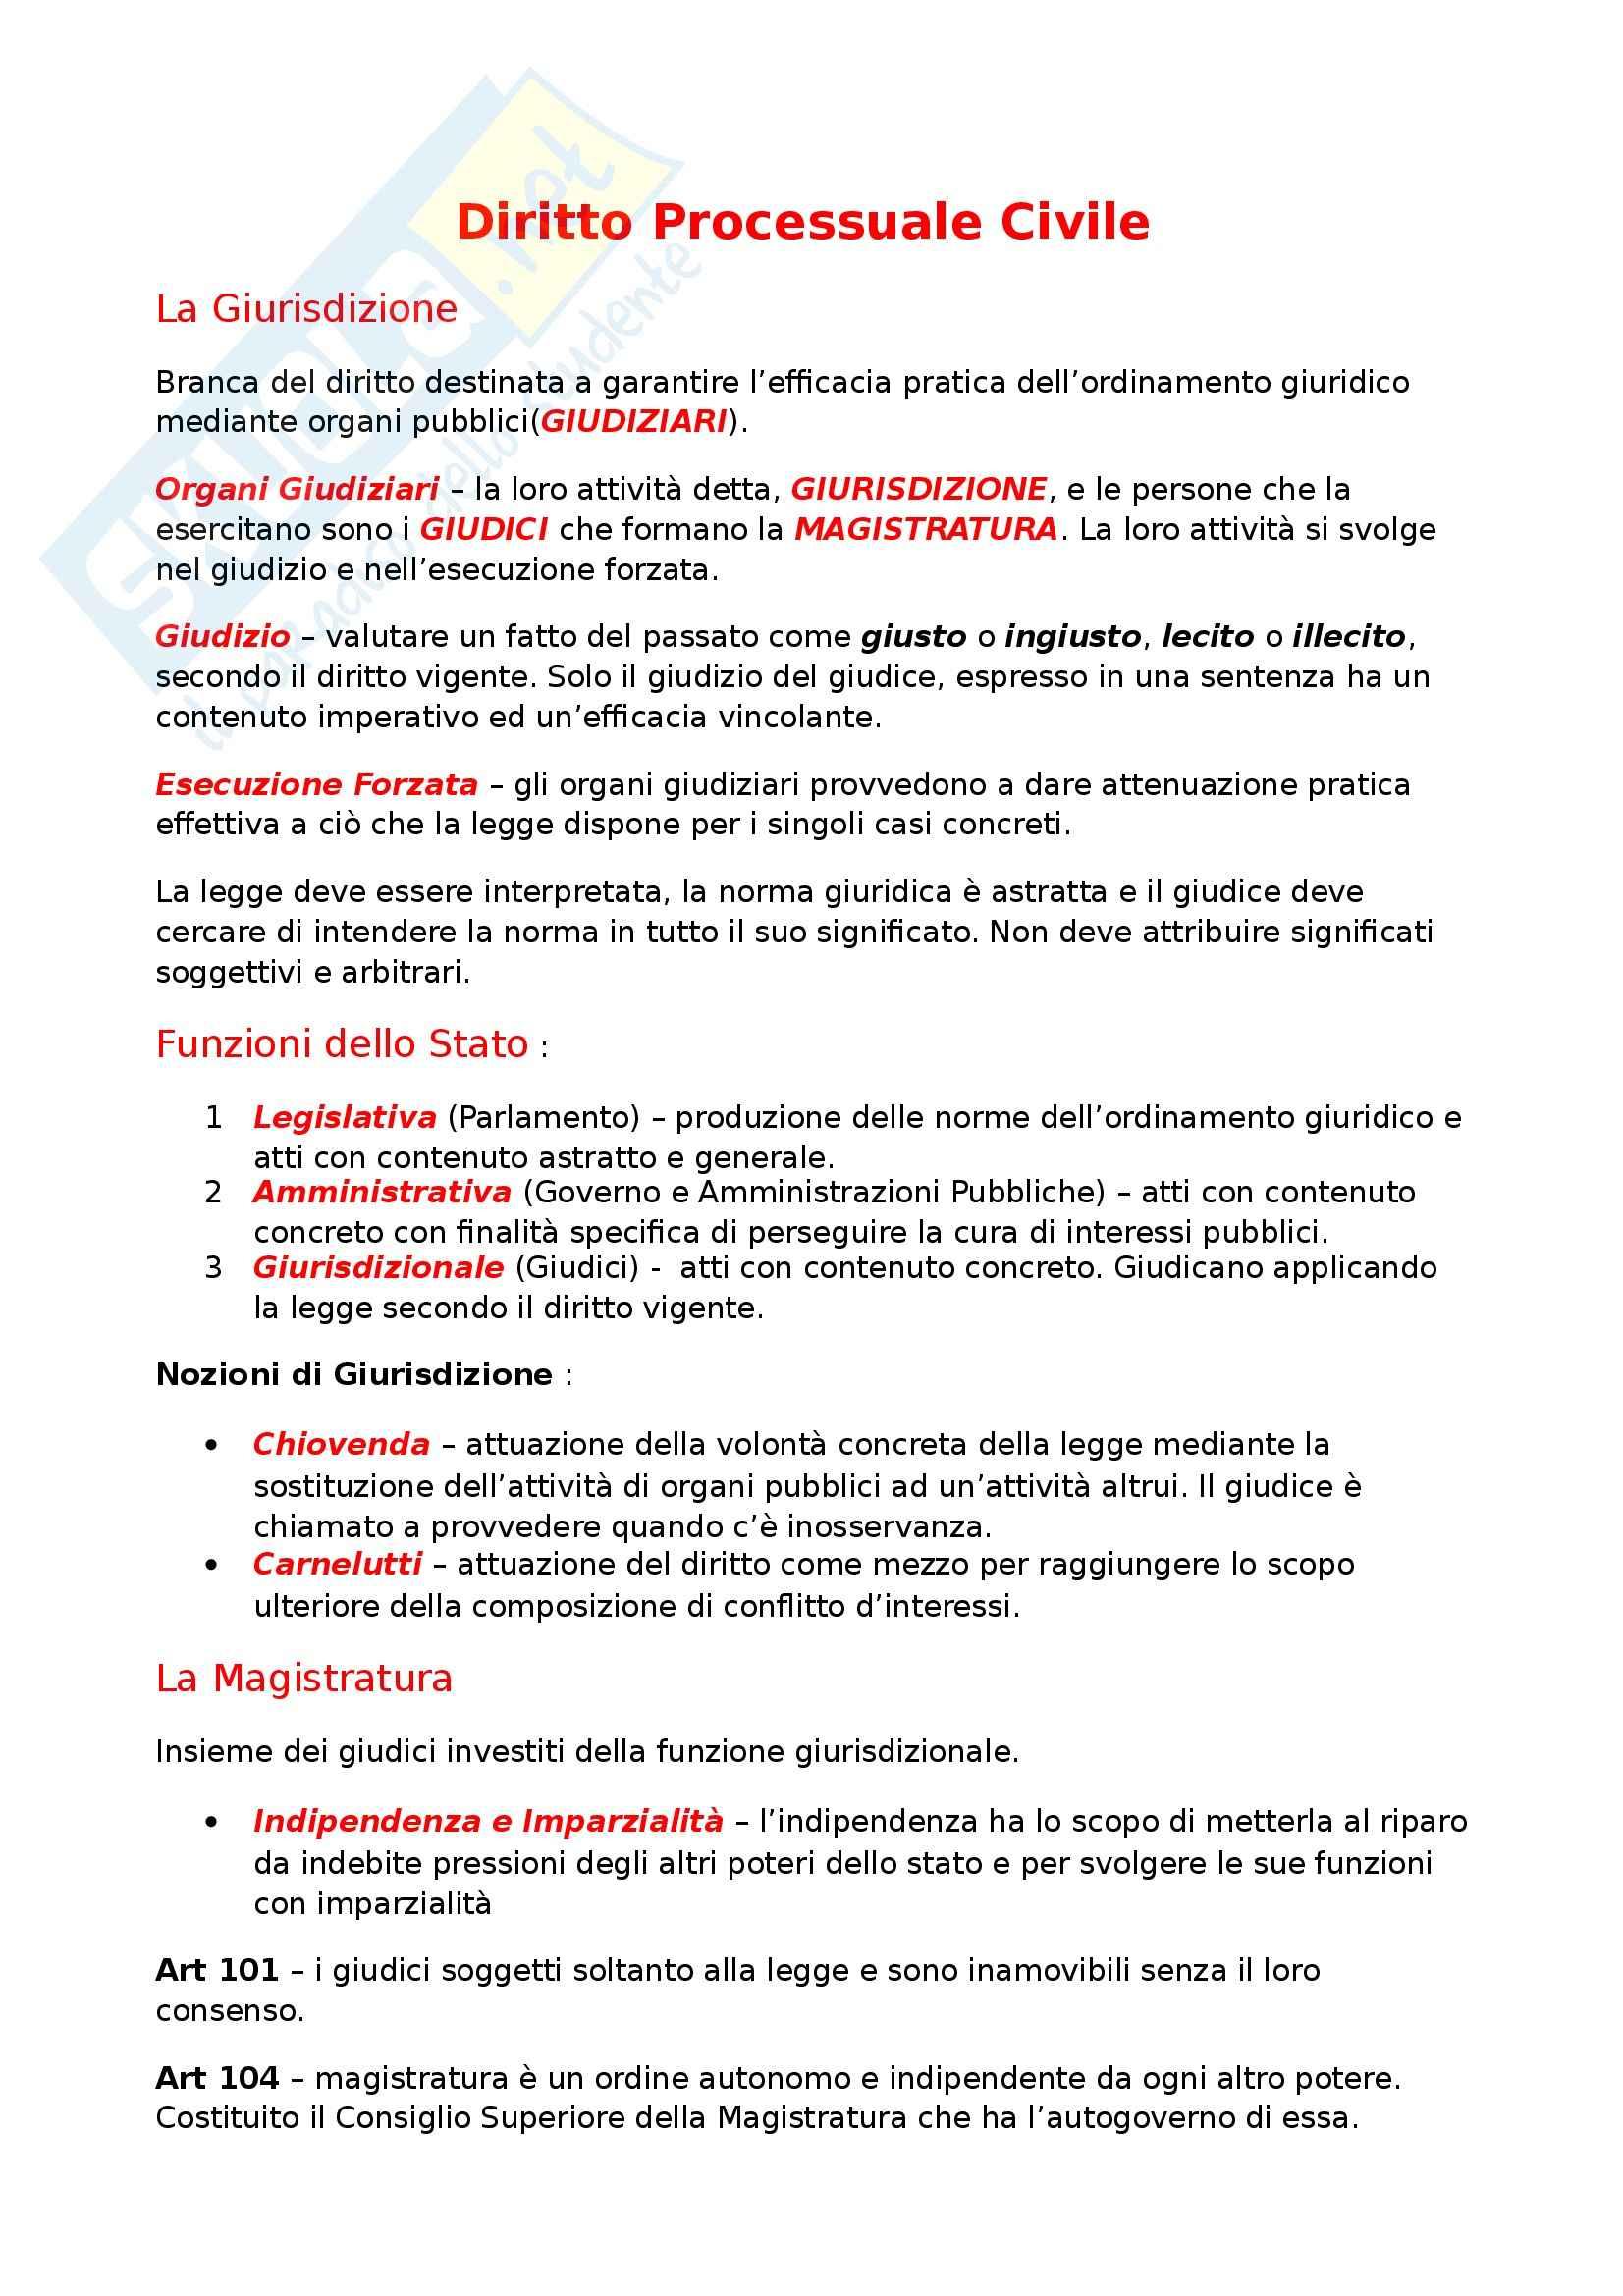 Riassunto esame Diritto Processuale Civile, prof. Maruffi, libro consigliato Diritto Processuale Civile di Tarzia